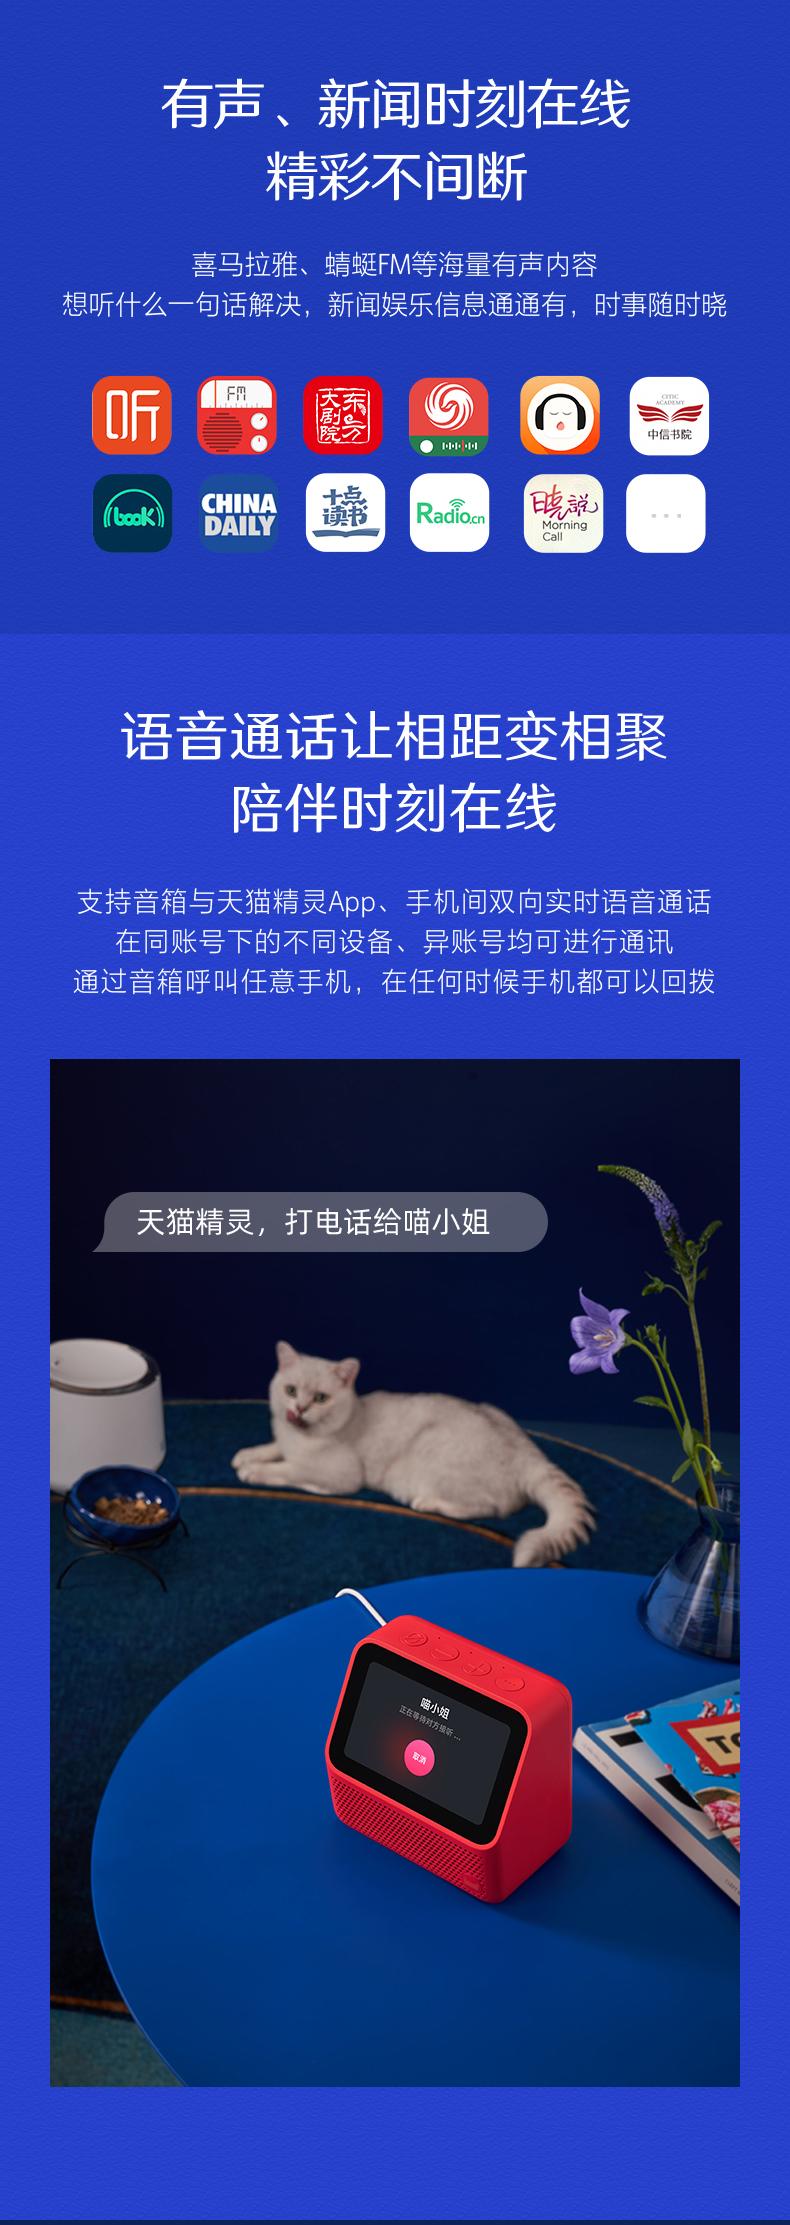 天猫精灵 CC MINI 智能时钟屏 AI智能音箱 图5